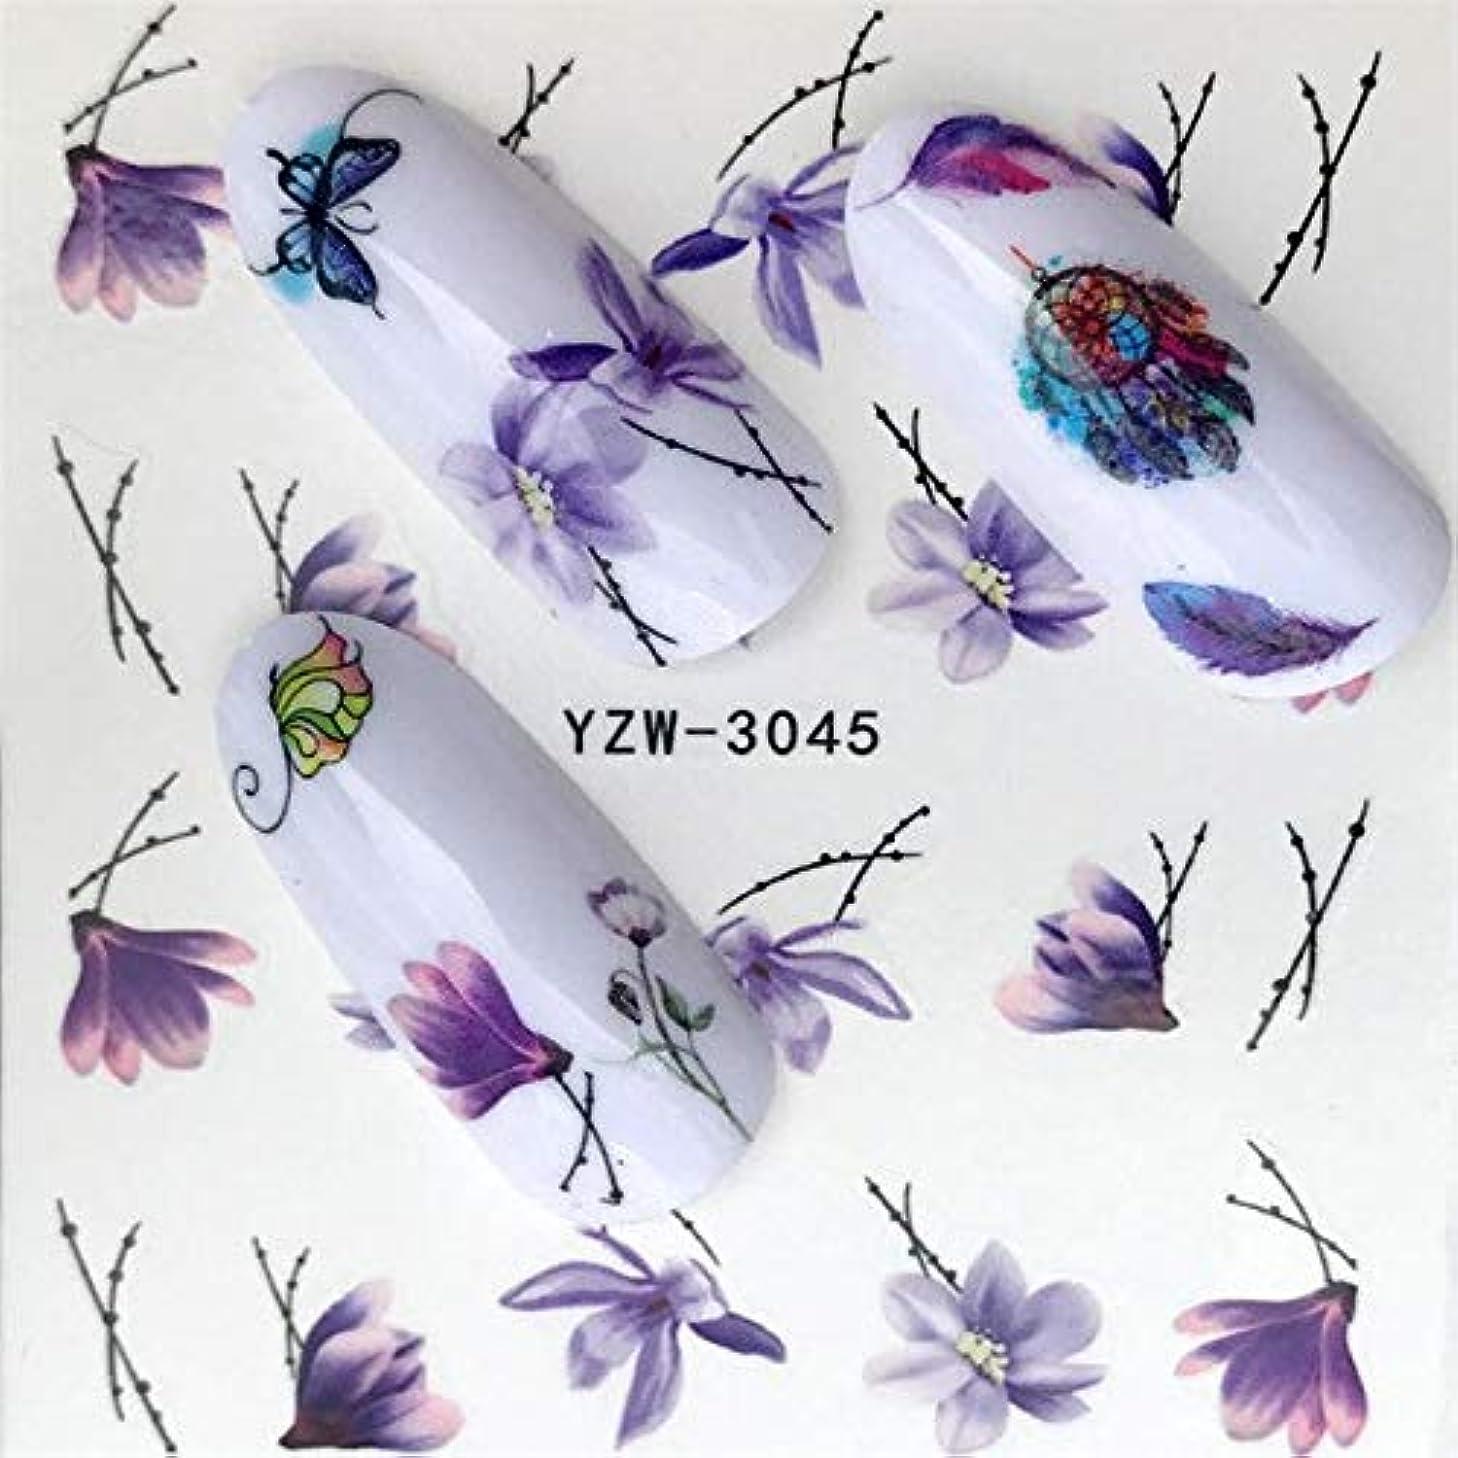 幾分登場クレジットSUKTI&XIAO ネイルステッカー 1ピースホットデザインウォーターパープル美しい花ステッカーネイルアートステッカーネイル箔用diyマニキュア装飾